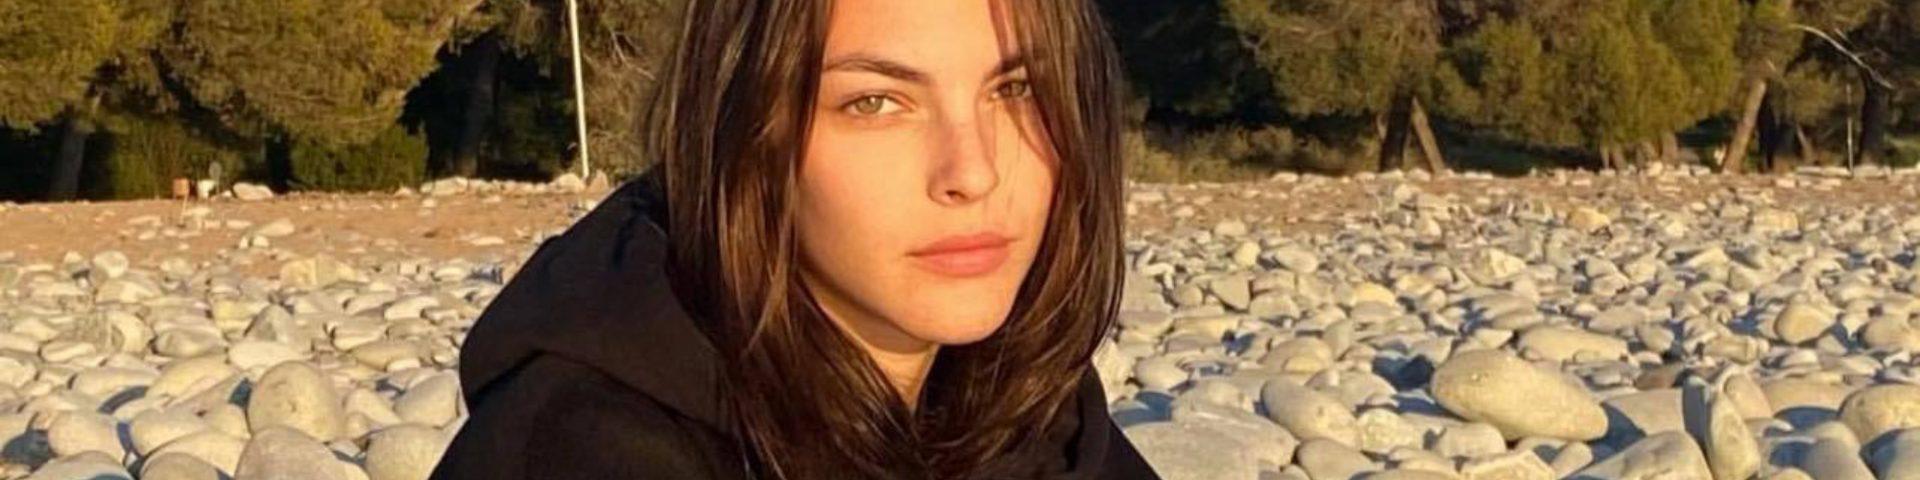 Sanremo 2021, chi è Vittoria Ceretti